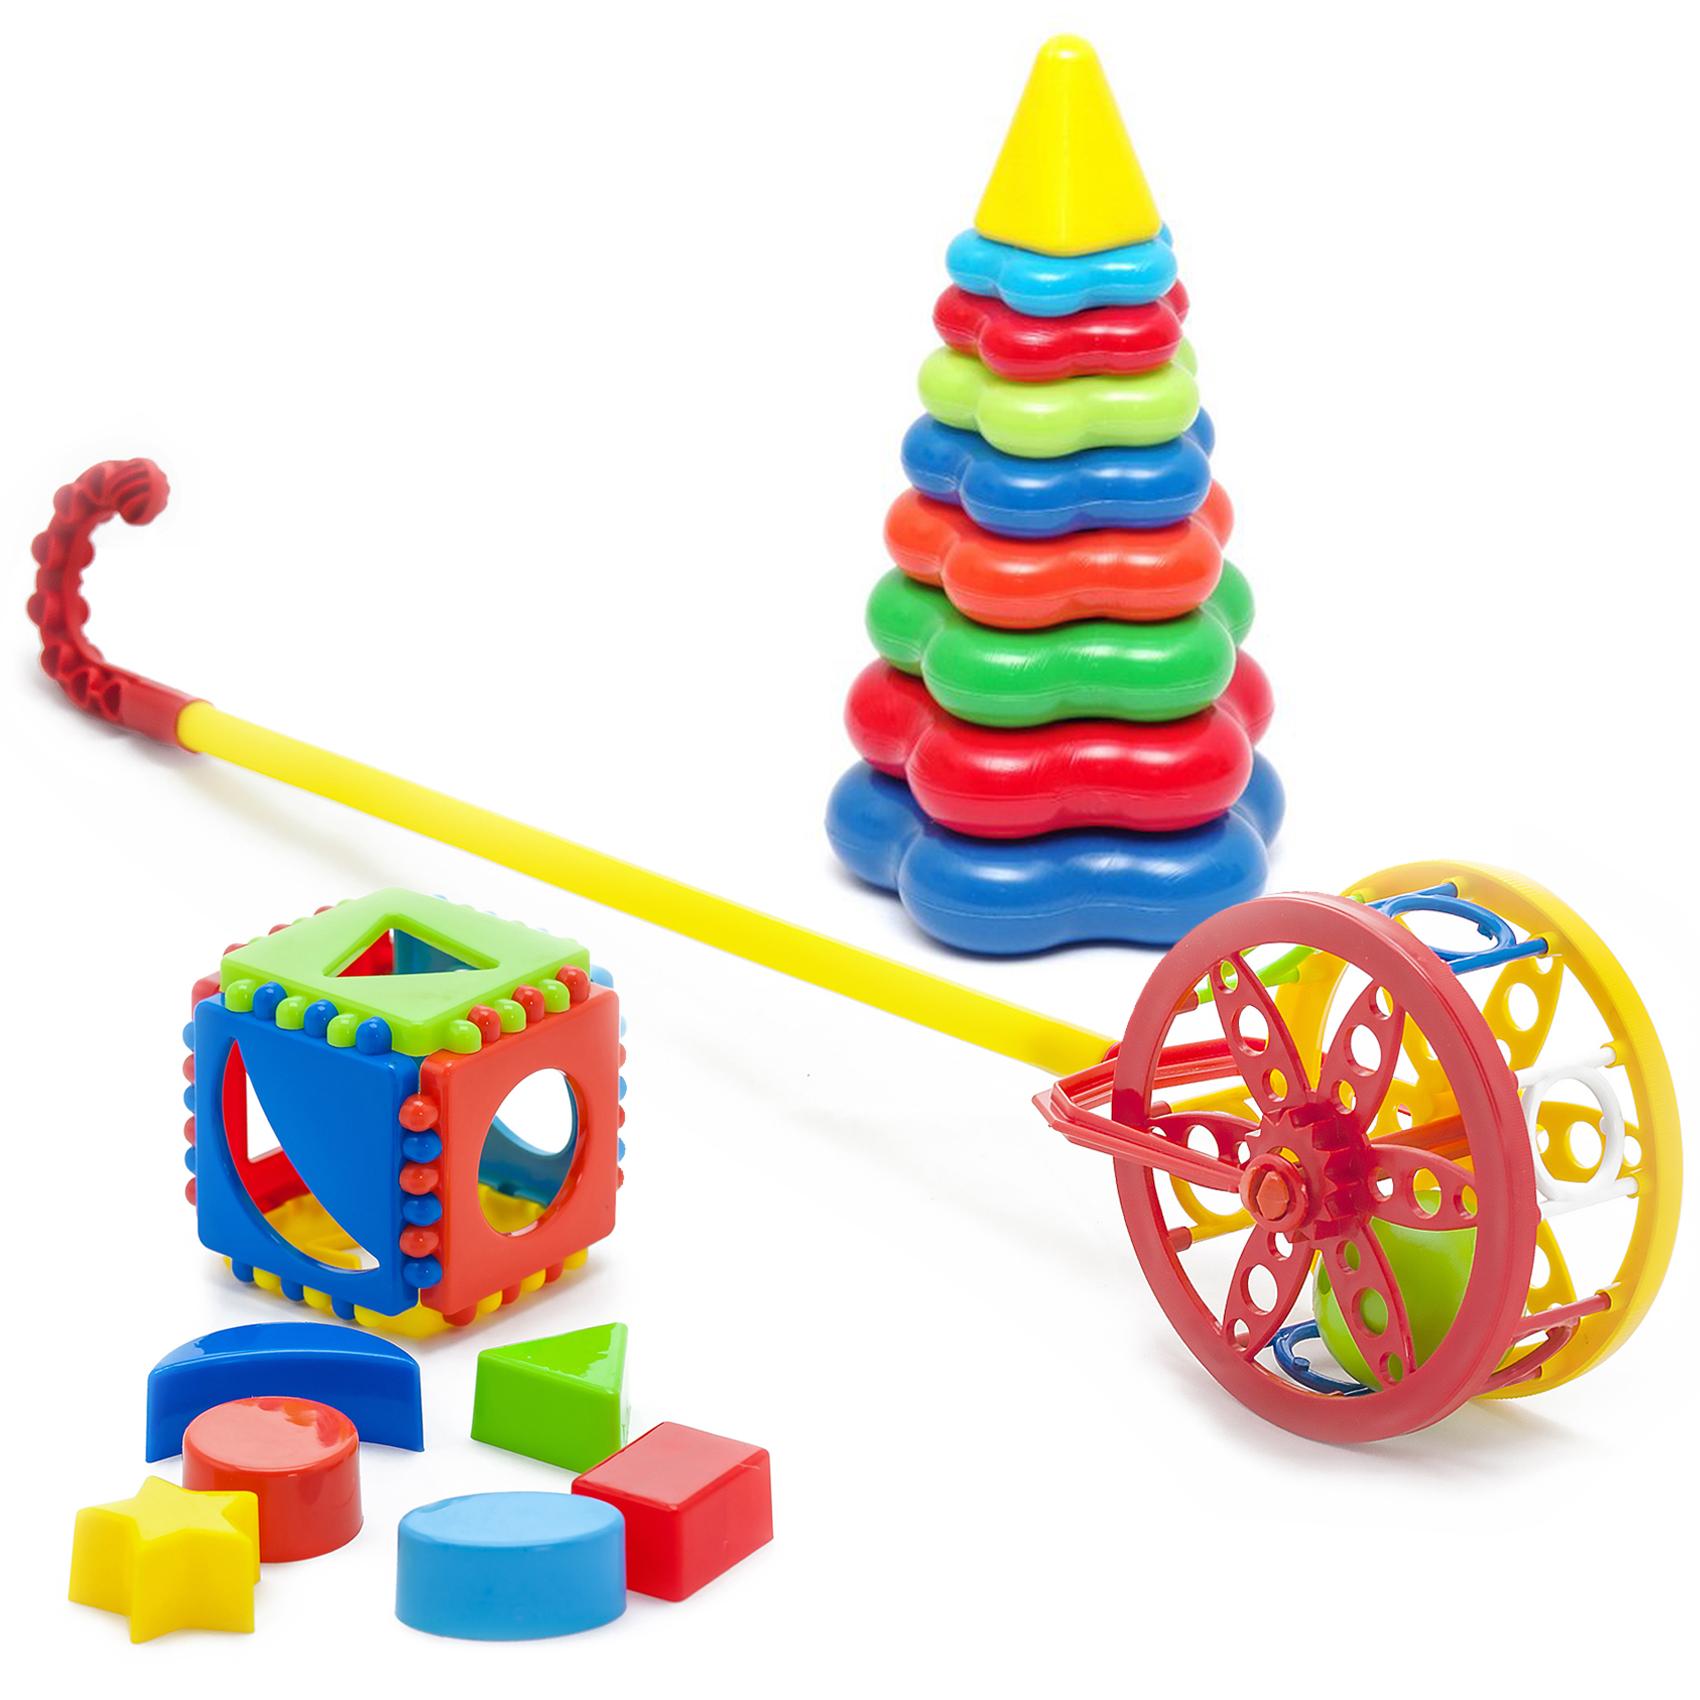 Купить Набор развивающий Carolina Toys Каталка Колесо+ Кубик лог. малый+ Пирамида детская большая, Karolina Toys,